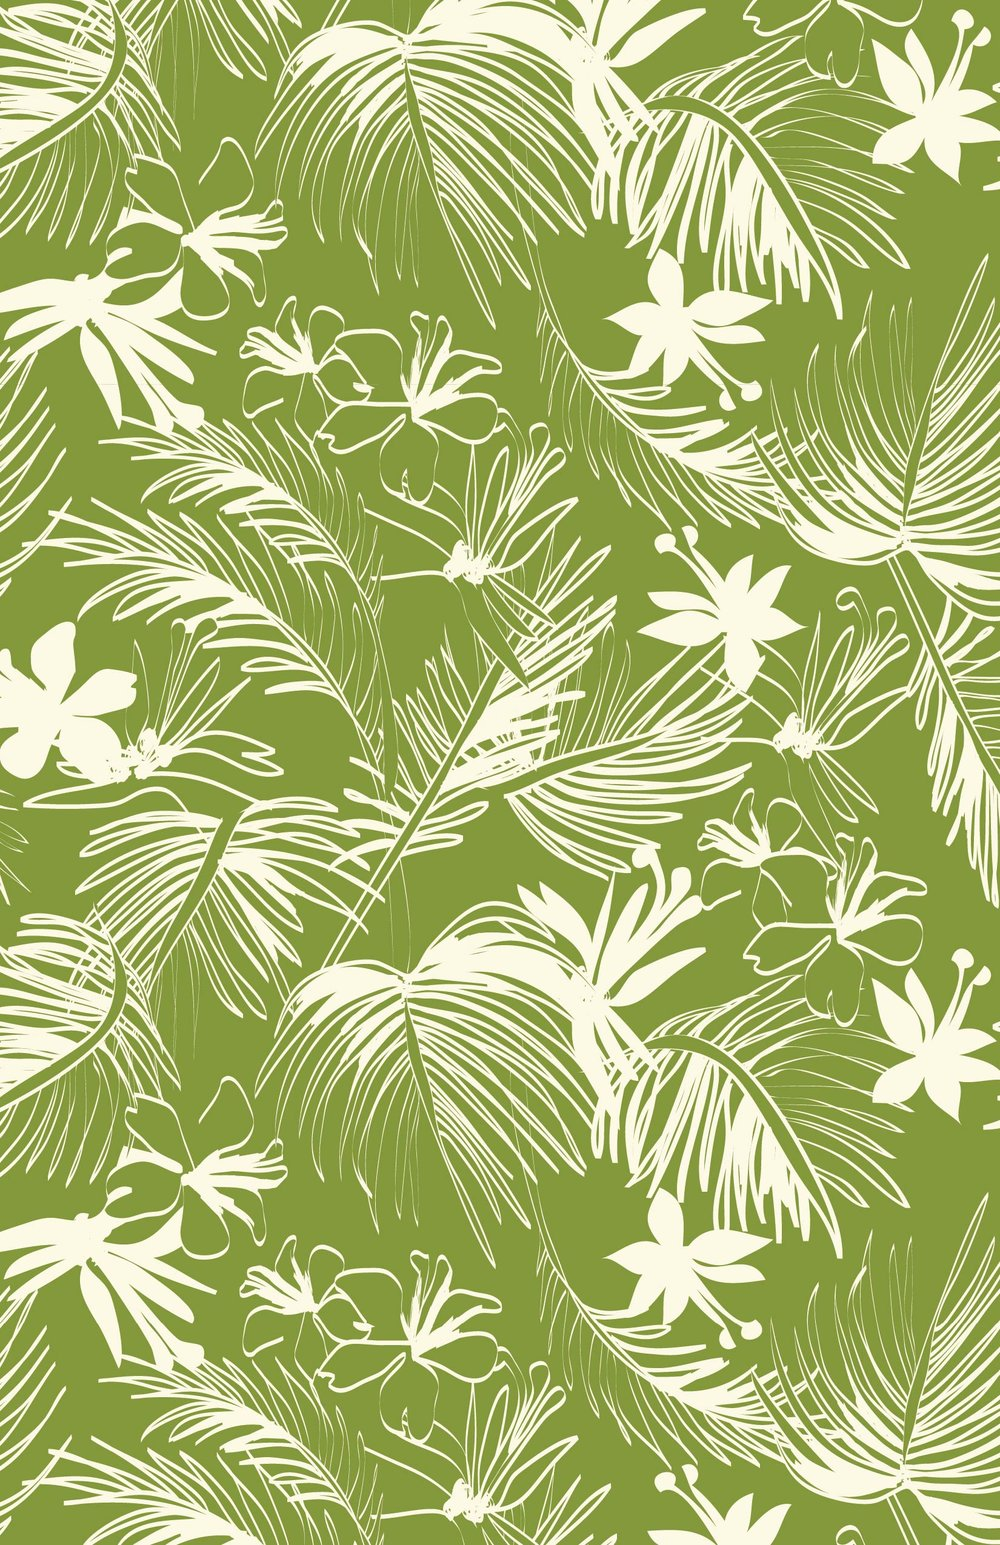 silhouette palms-01.jpg